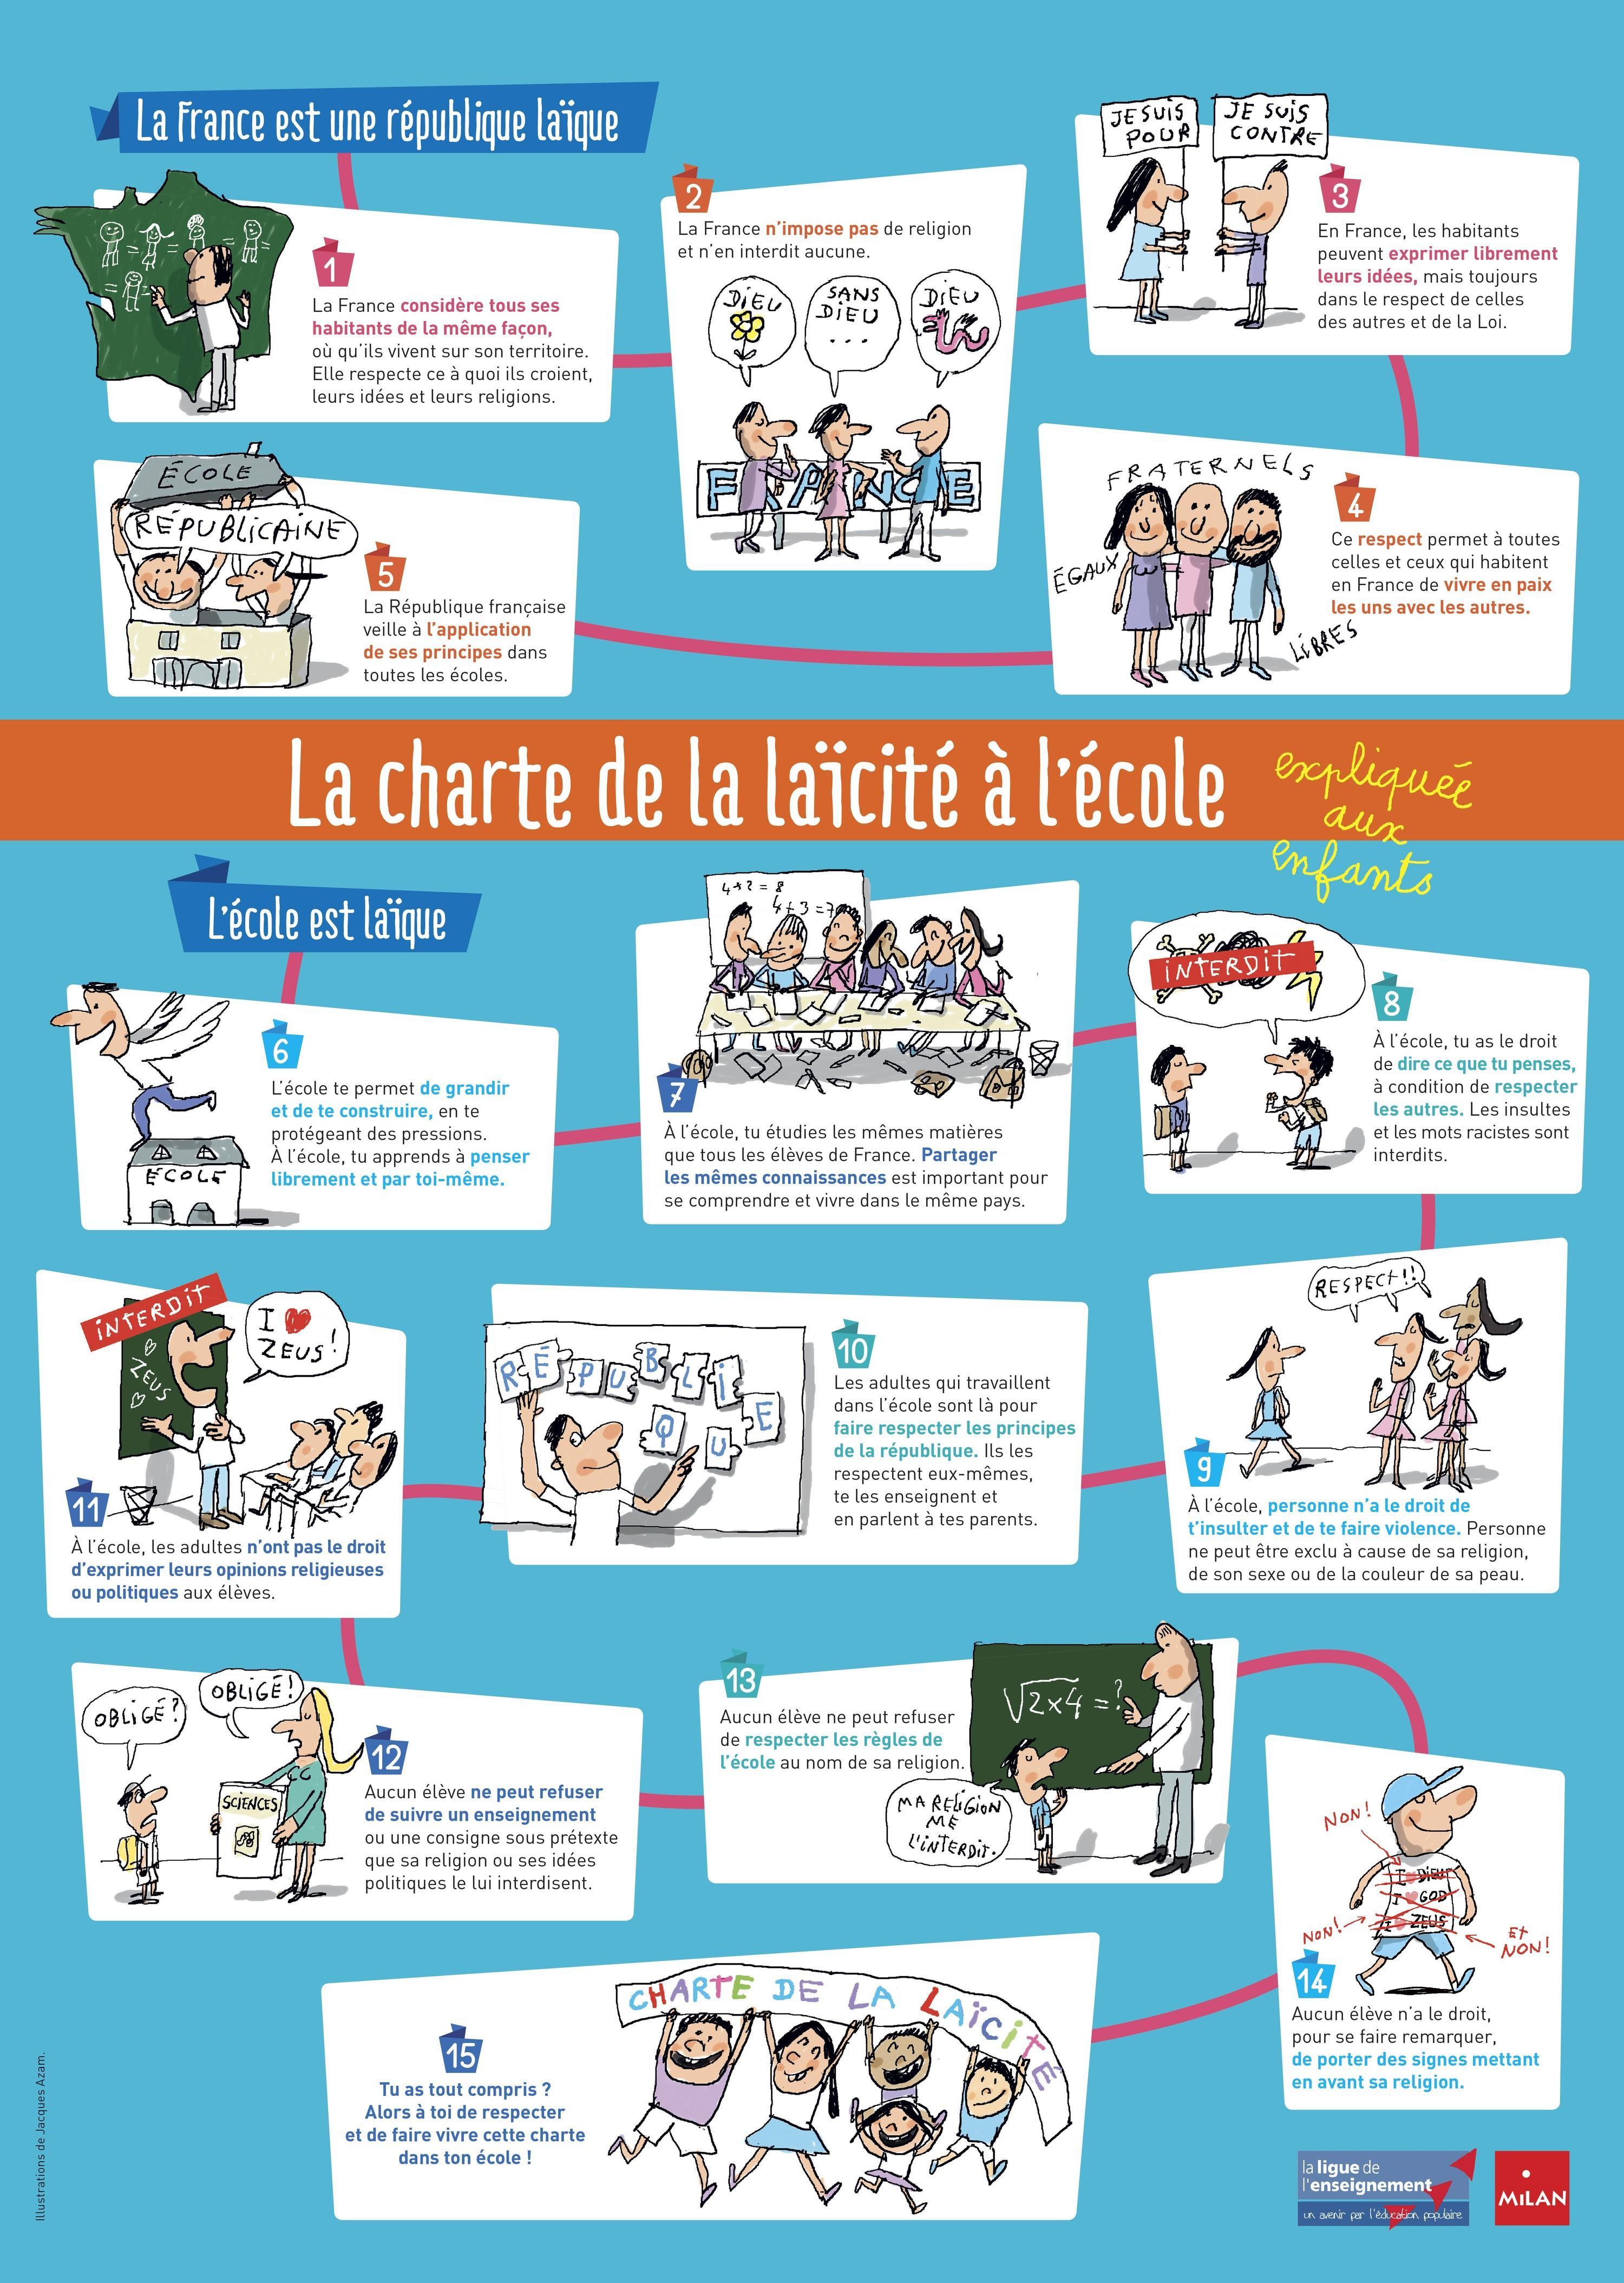 <stamp theme='his-green2'>Doc. 2</stamp> Charte de la laïcité à l'école expliquée aux enfants